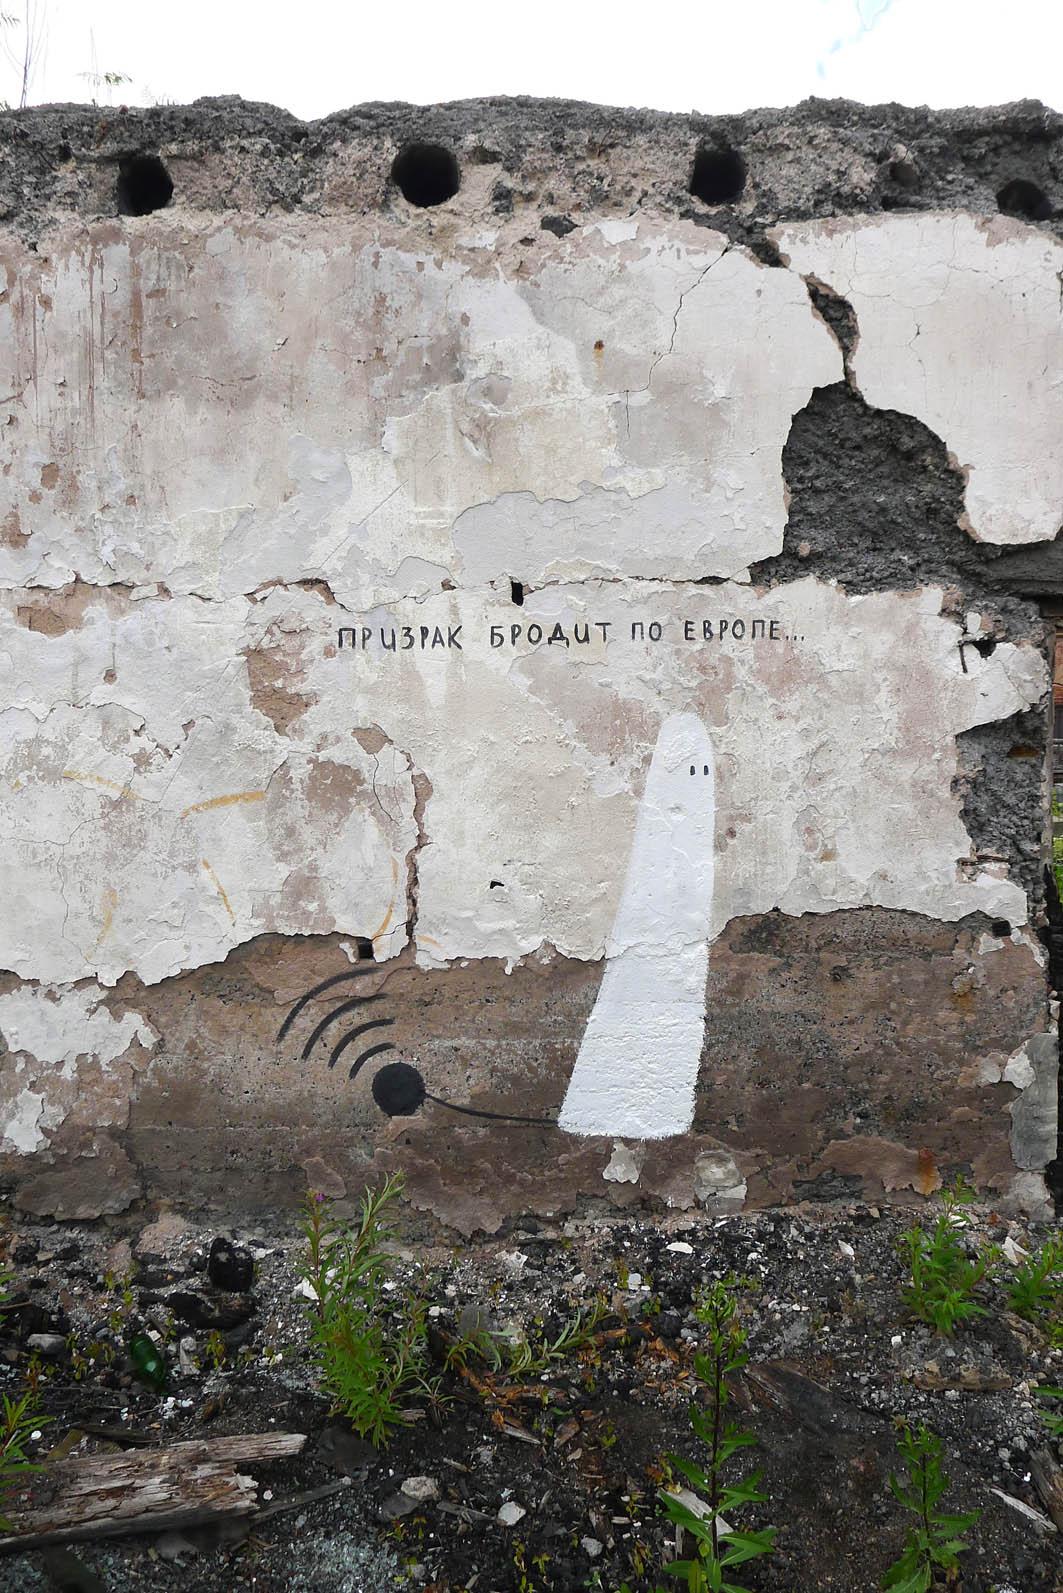 escif-new-murals-in-st-petersburg-russia-04